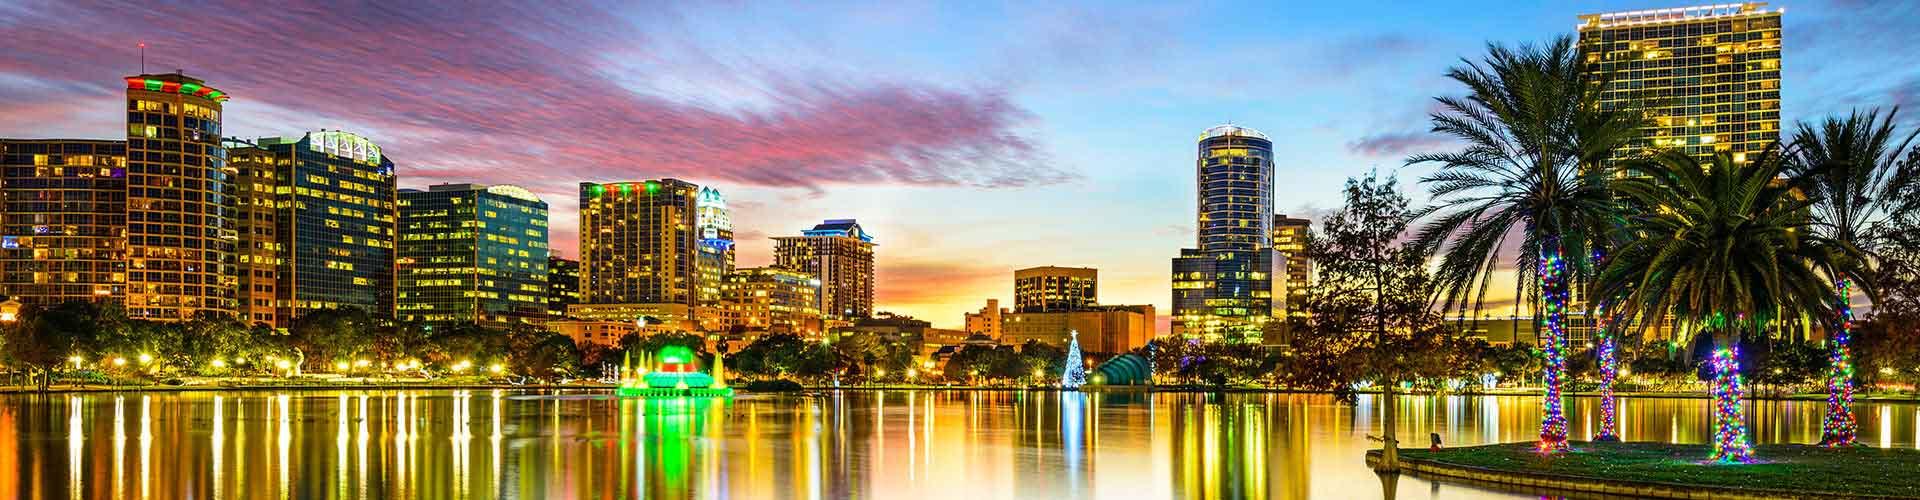 Orlando - Hoteles baratos en Orlando. Mapas de Orlando, Fotos y comentarios de cada Hotel en Orlando.